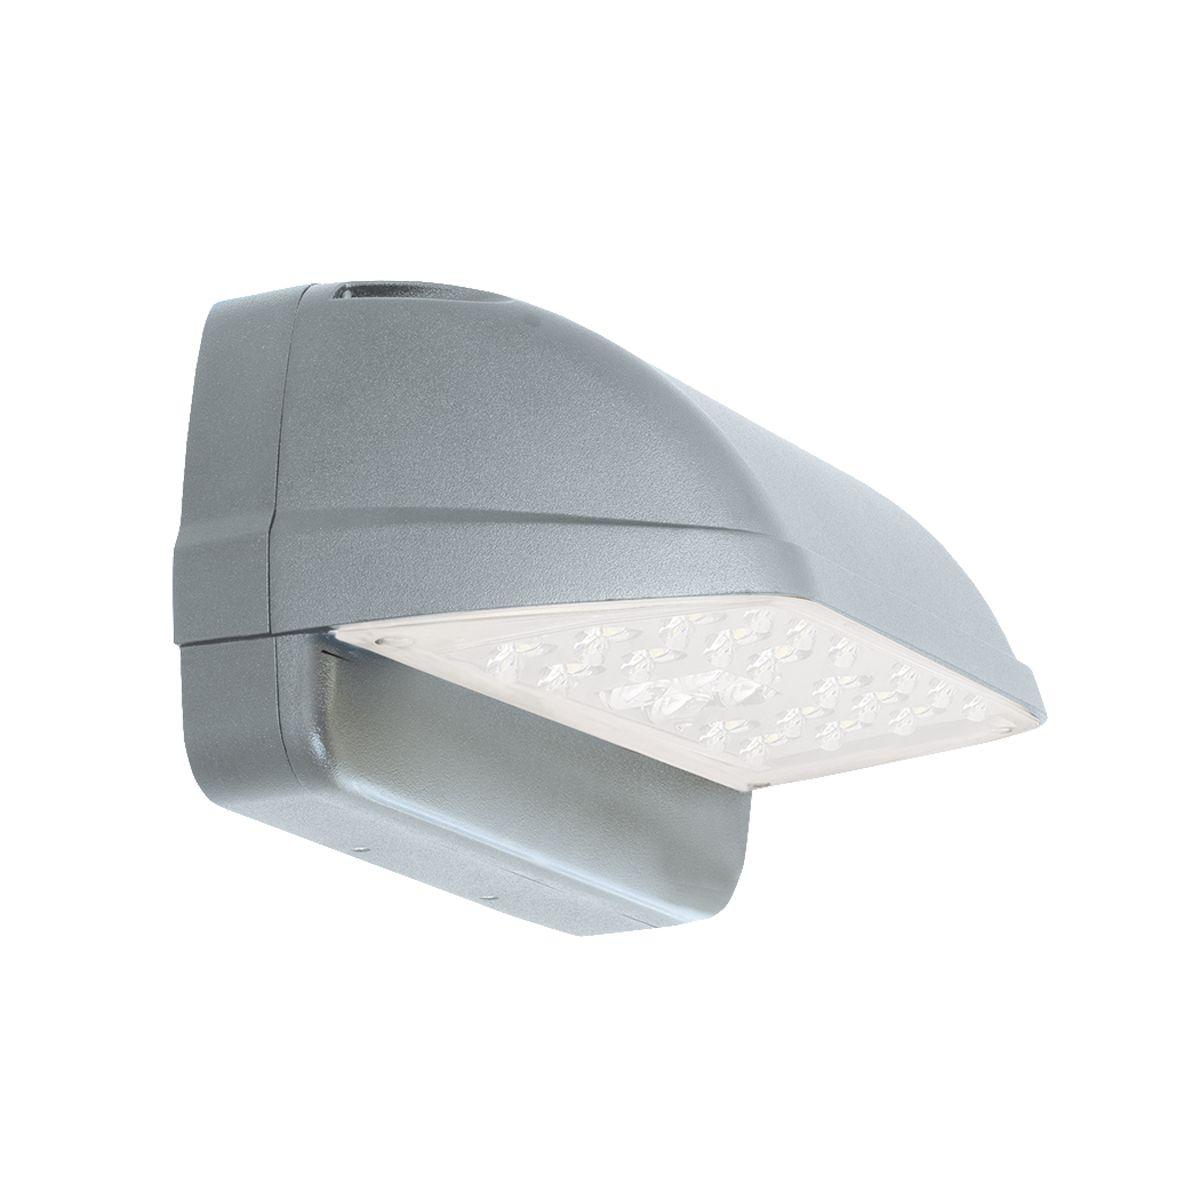 lnc2 litepak wall mount commercial outdoor lighting lighting